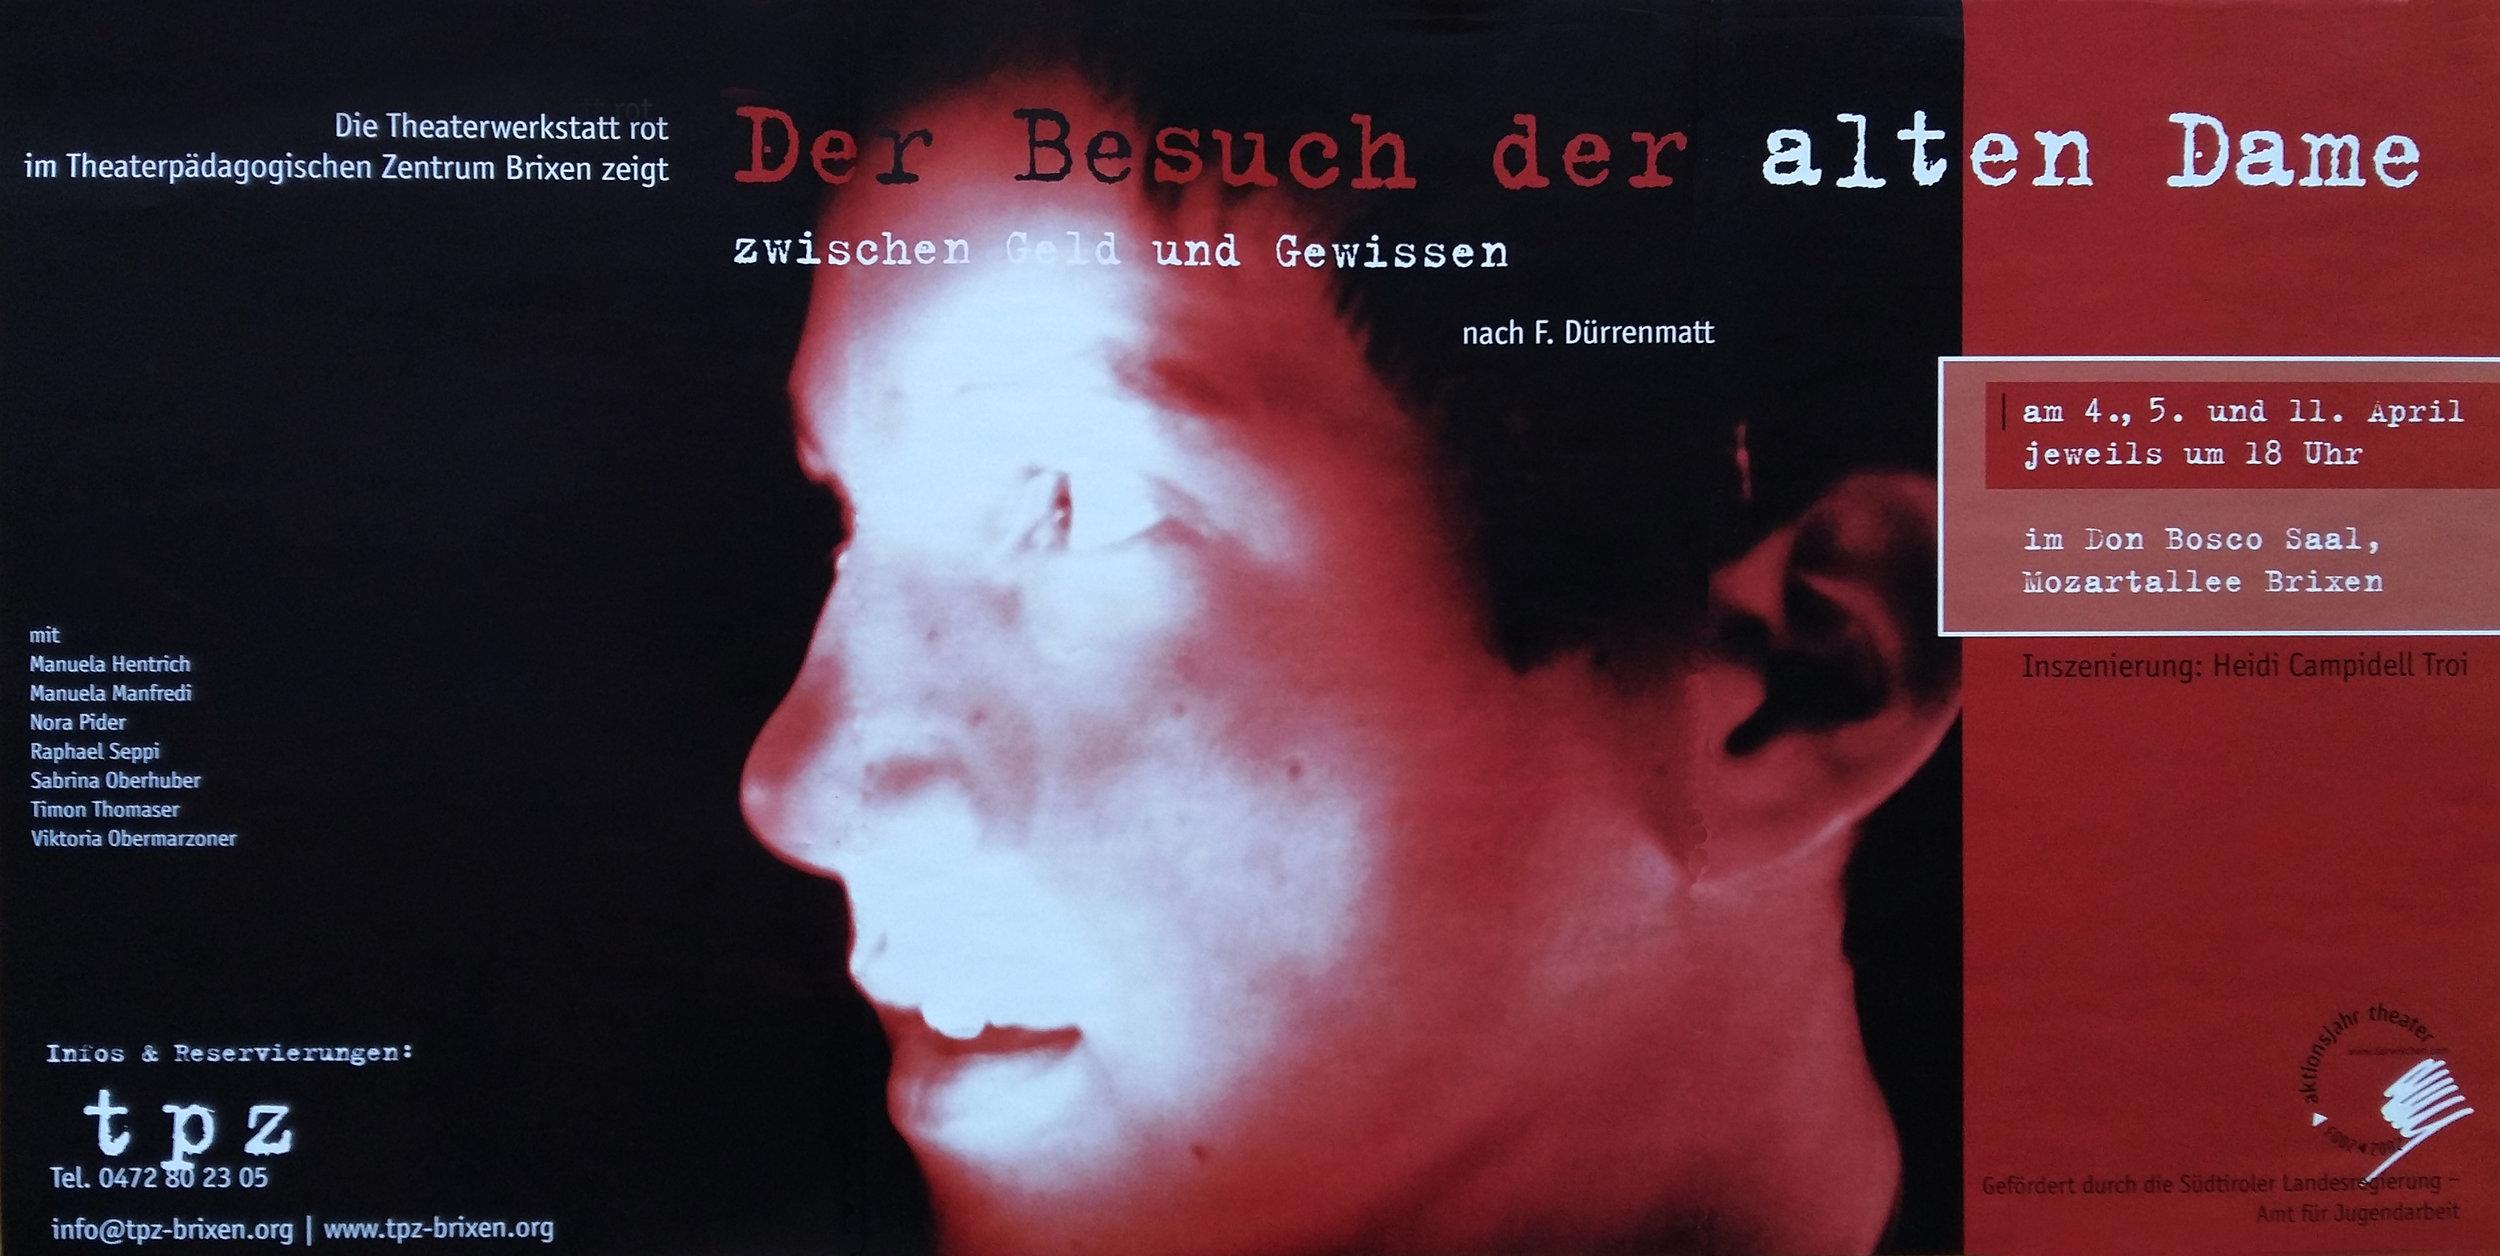 2003 rot Besuch der Alten Dame Plakat.jpg